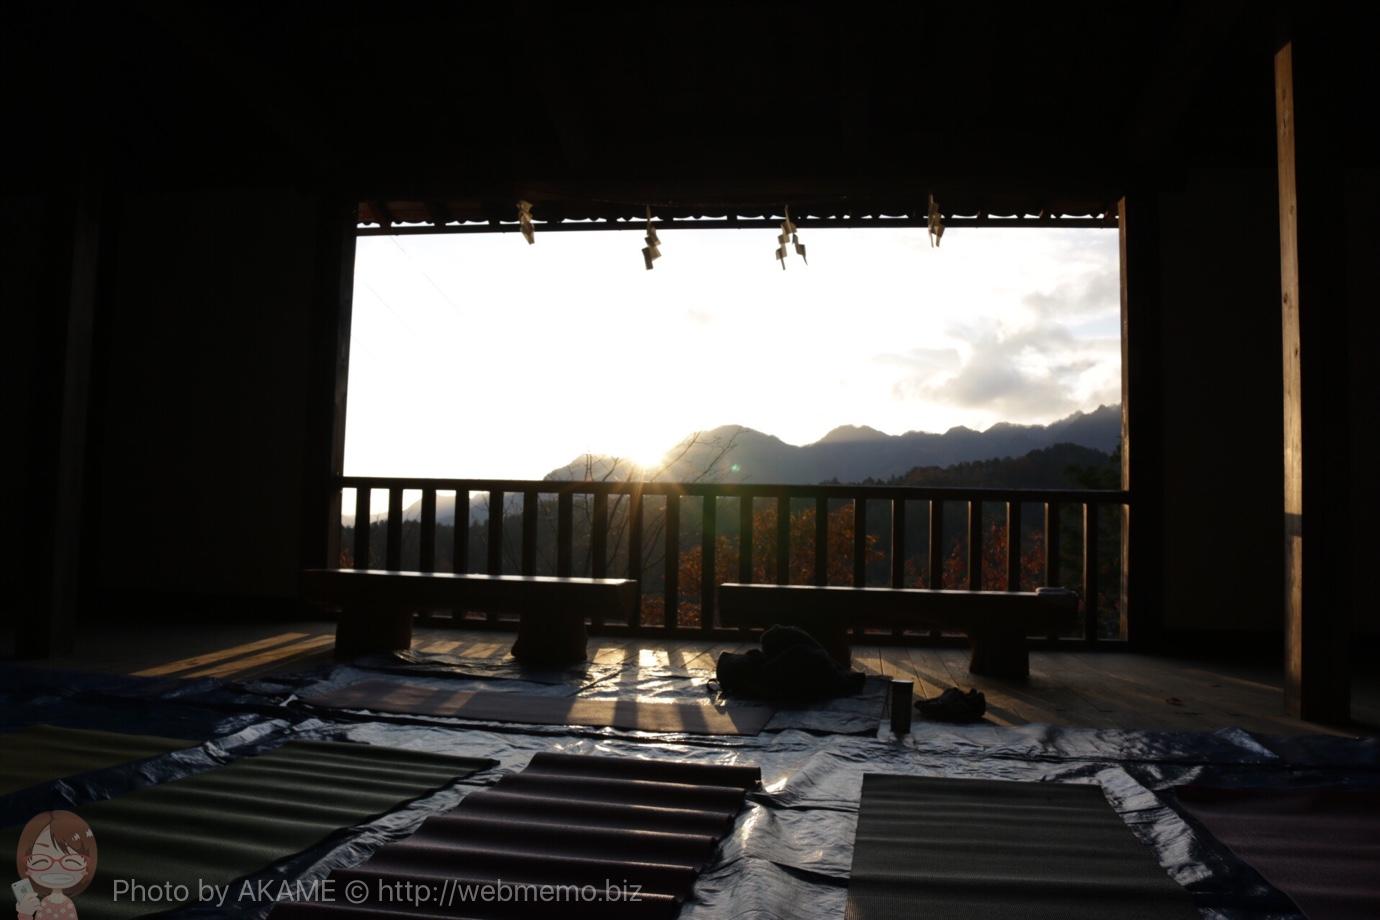 長野県「別所神社」で朝ヨガ体験!太陽と大地が広がる神秘的ロケーションに感動